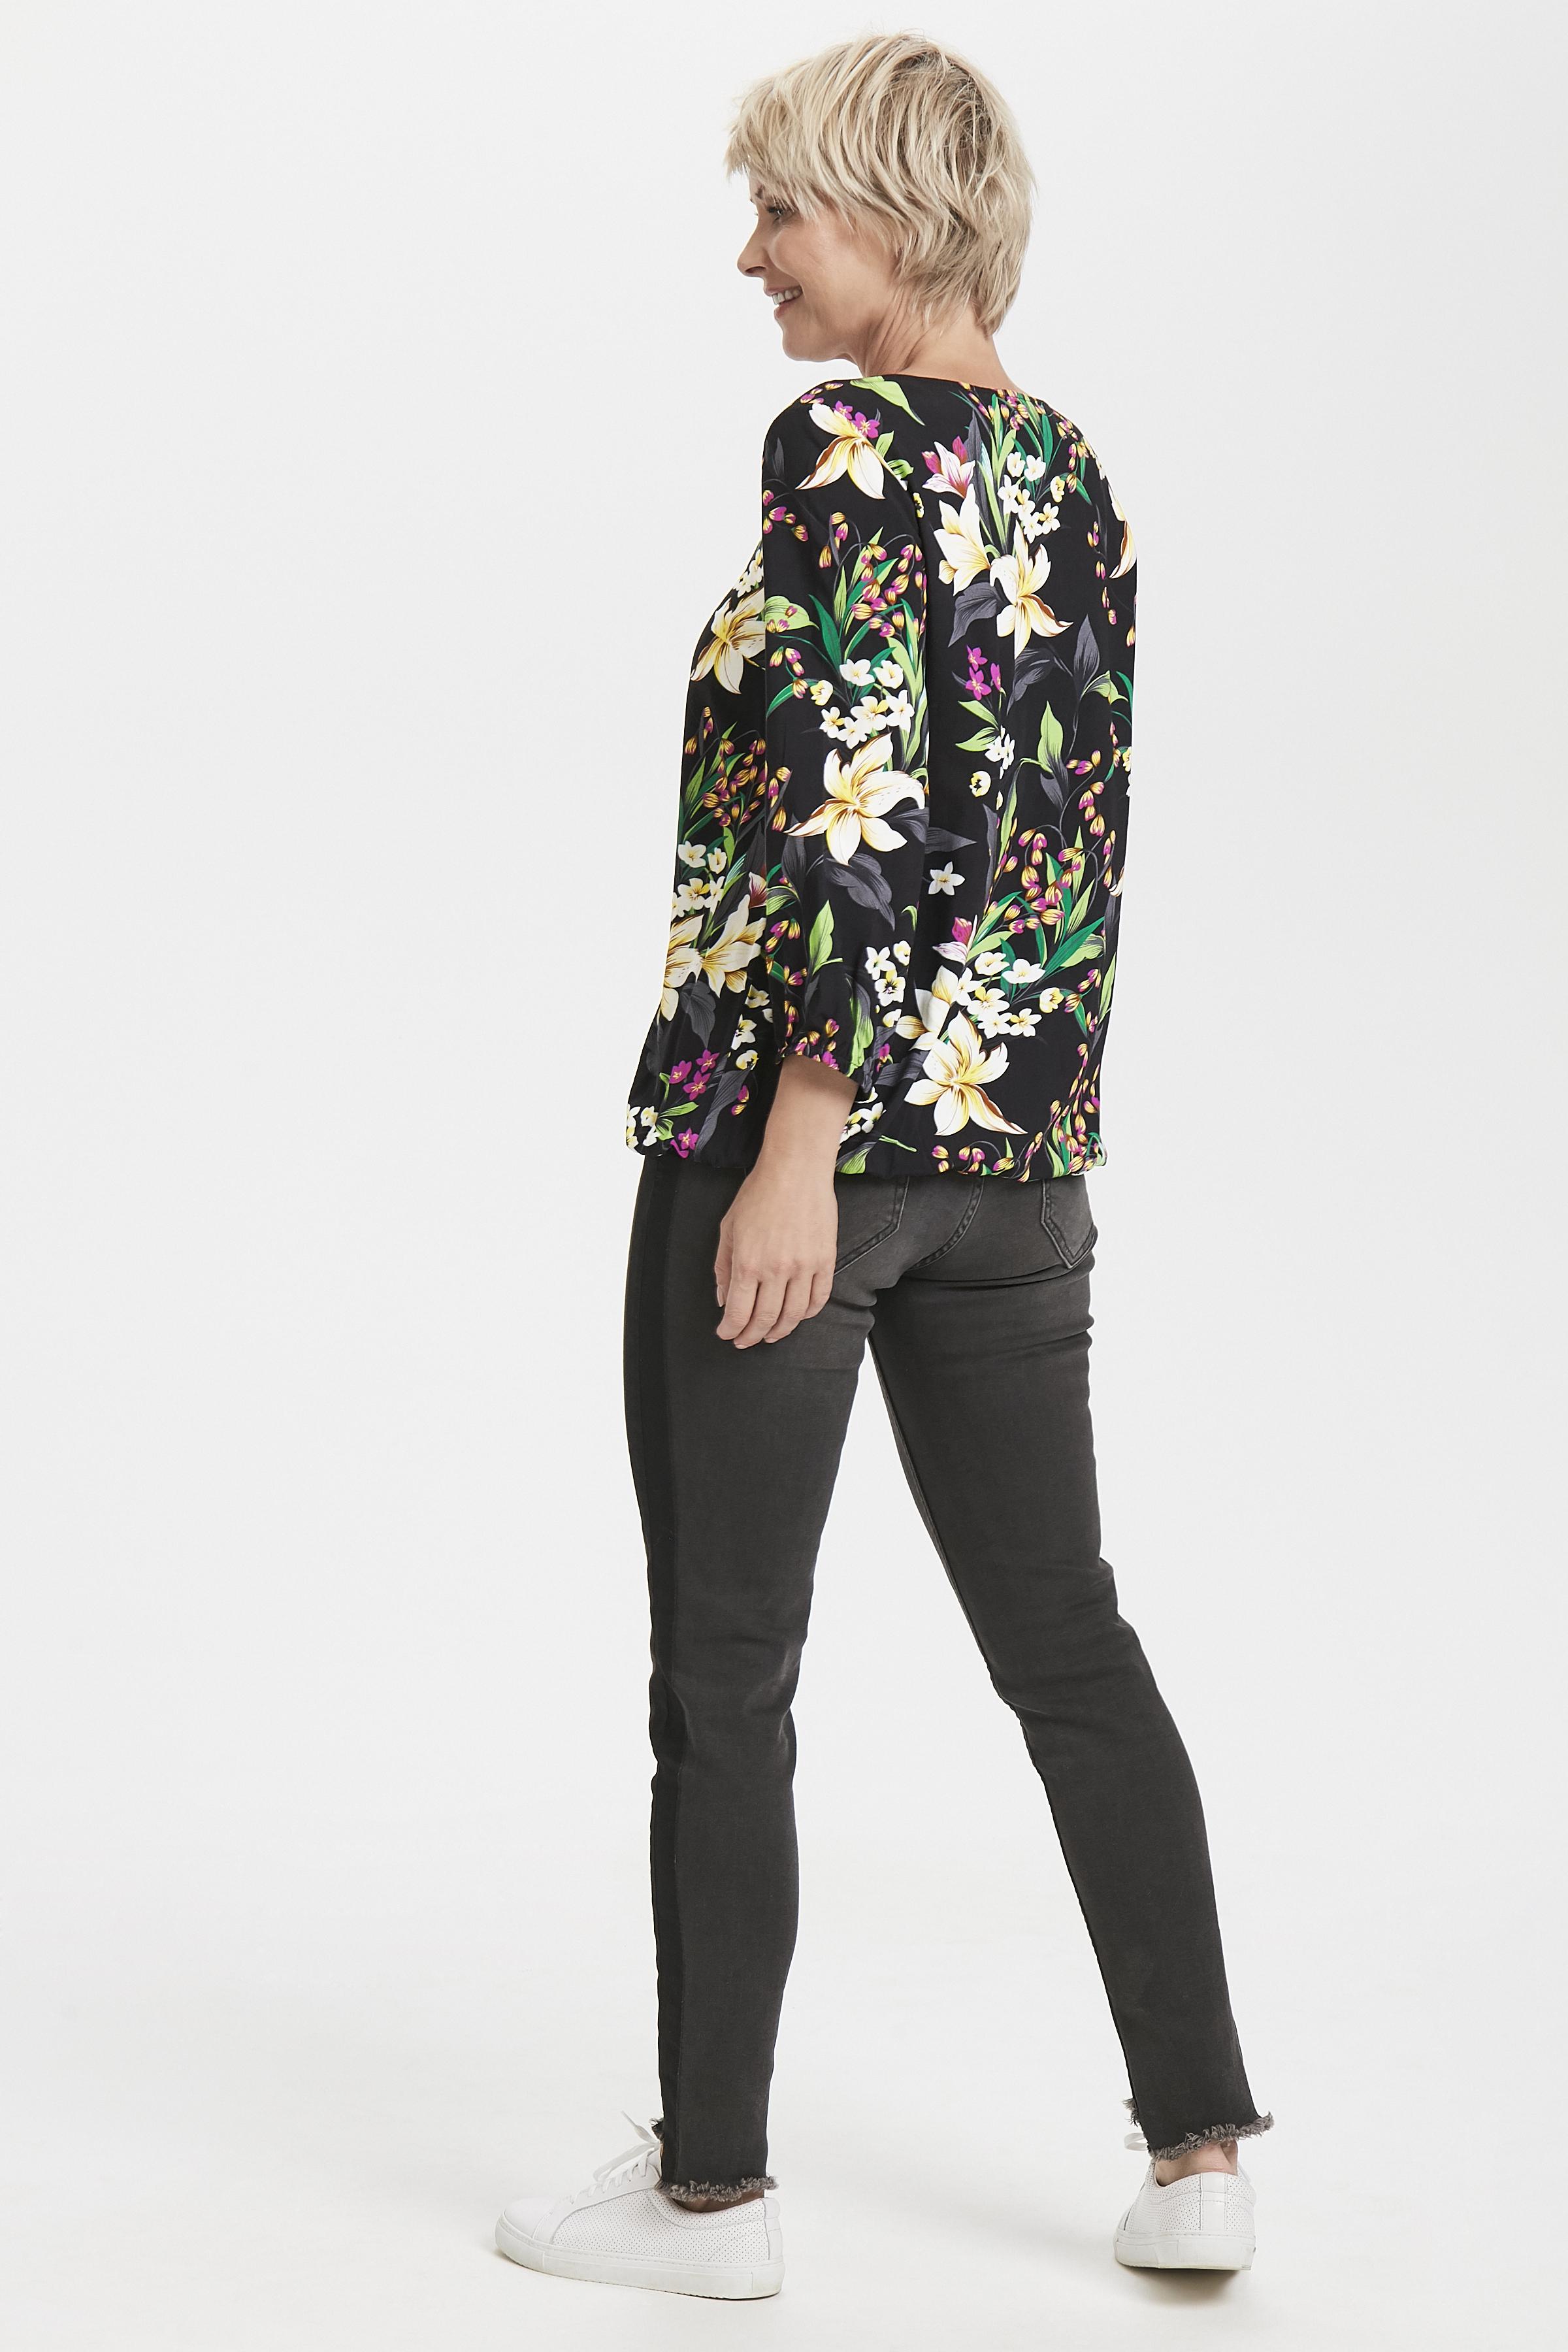 Zwart/cerise Shirt van Fransa – Door Zwart/cerise Shirt van maat. XS-XXL hier